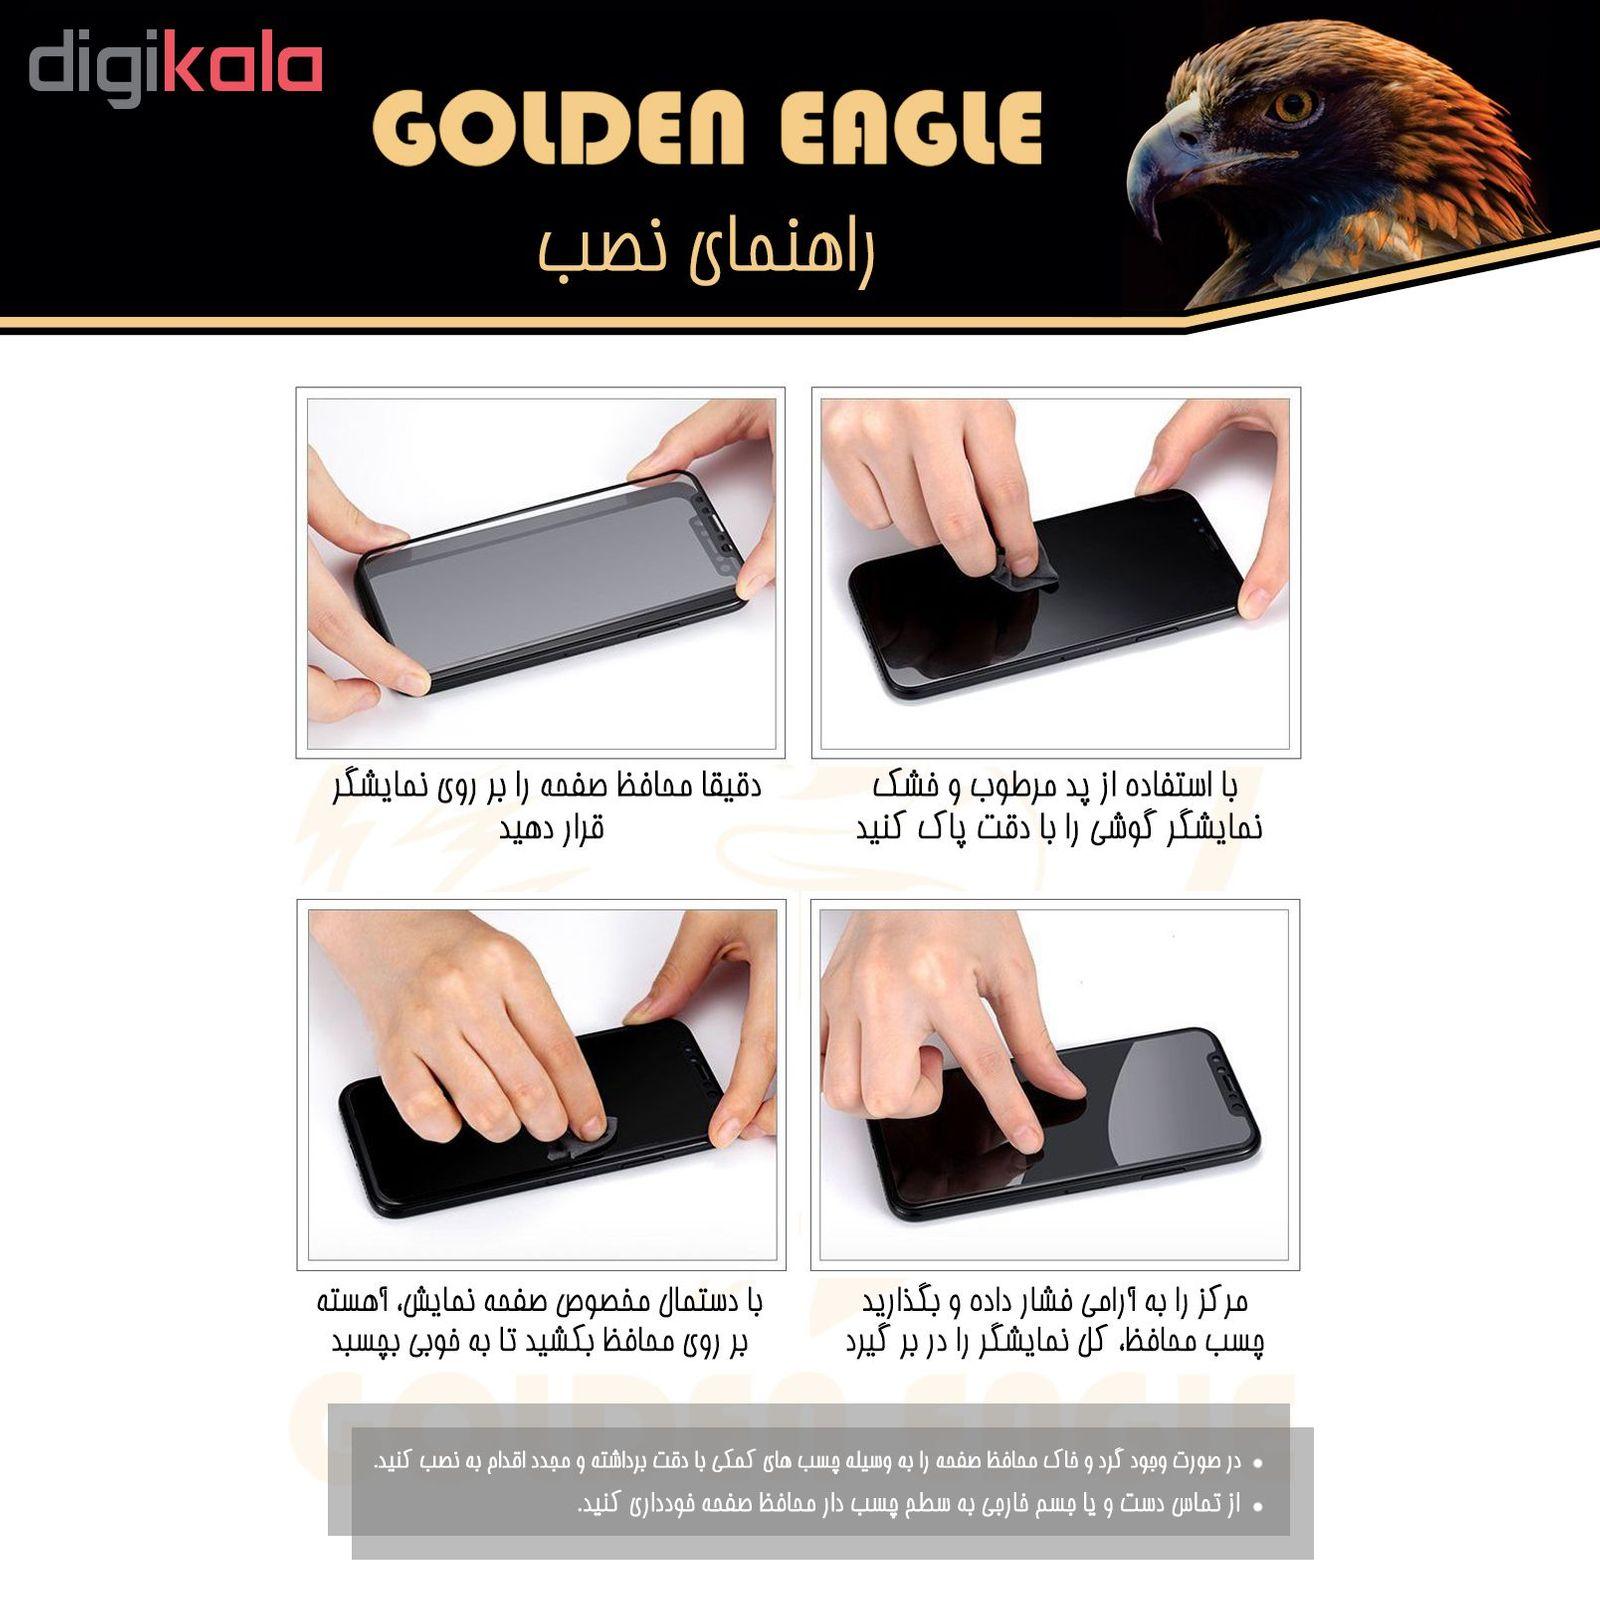 محافظ صفحه نمایش گلدن ایگل مدل HFC-X3 مناسب برای گوشی موبایل سامسونگ Galaxy S7 EDGE بسته سه عددی main 1 5